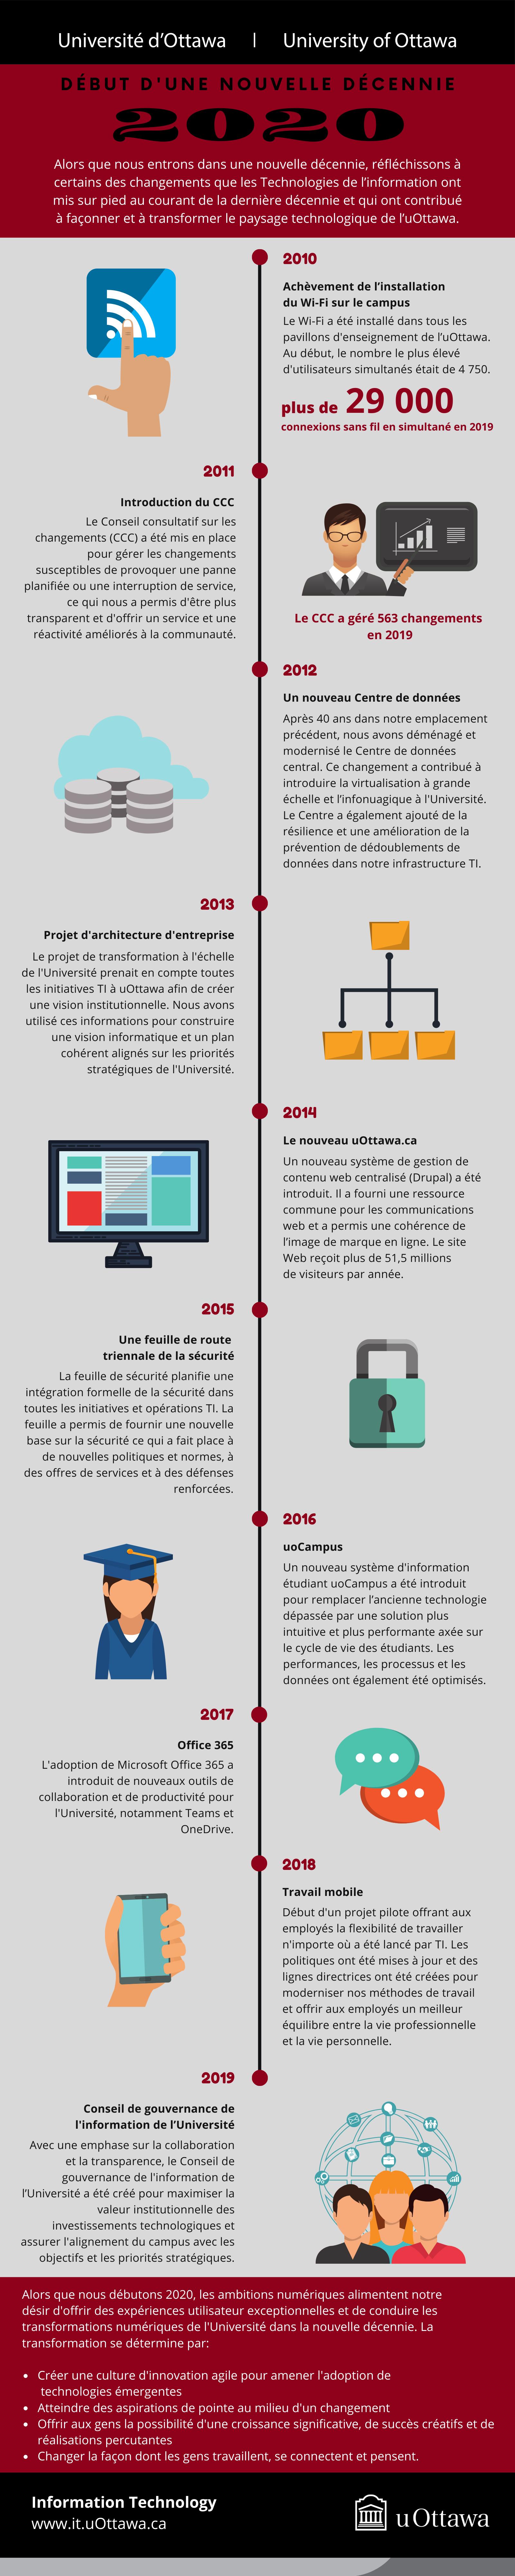 Infographie du début d'une décennie, montrant les réalisations des technologies de l'information au cours de la dernière décennie